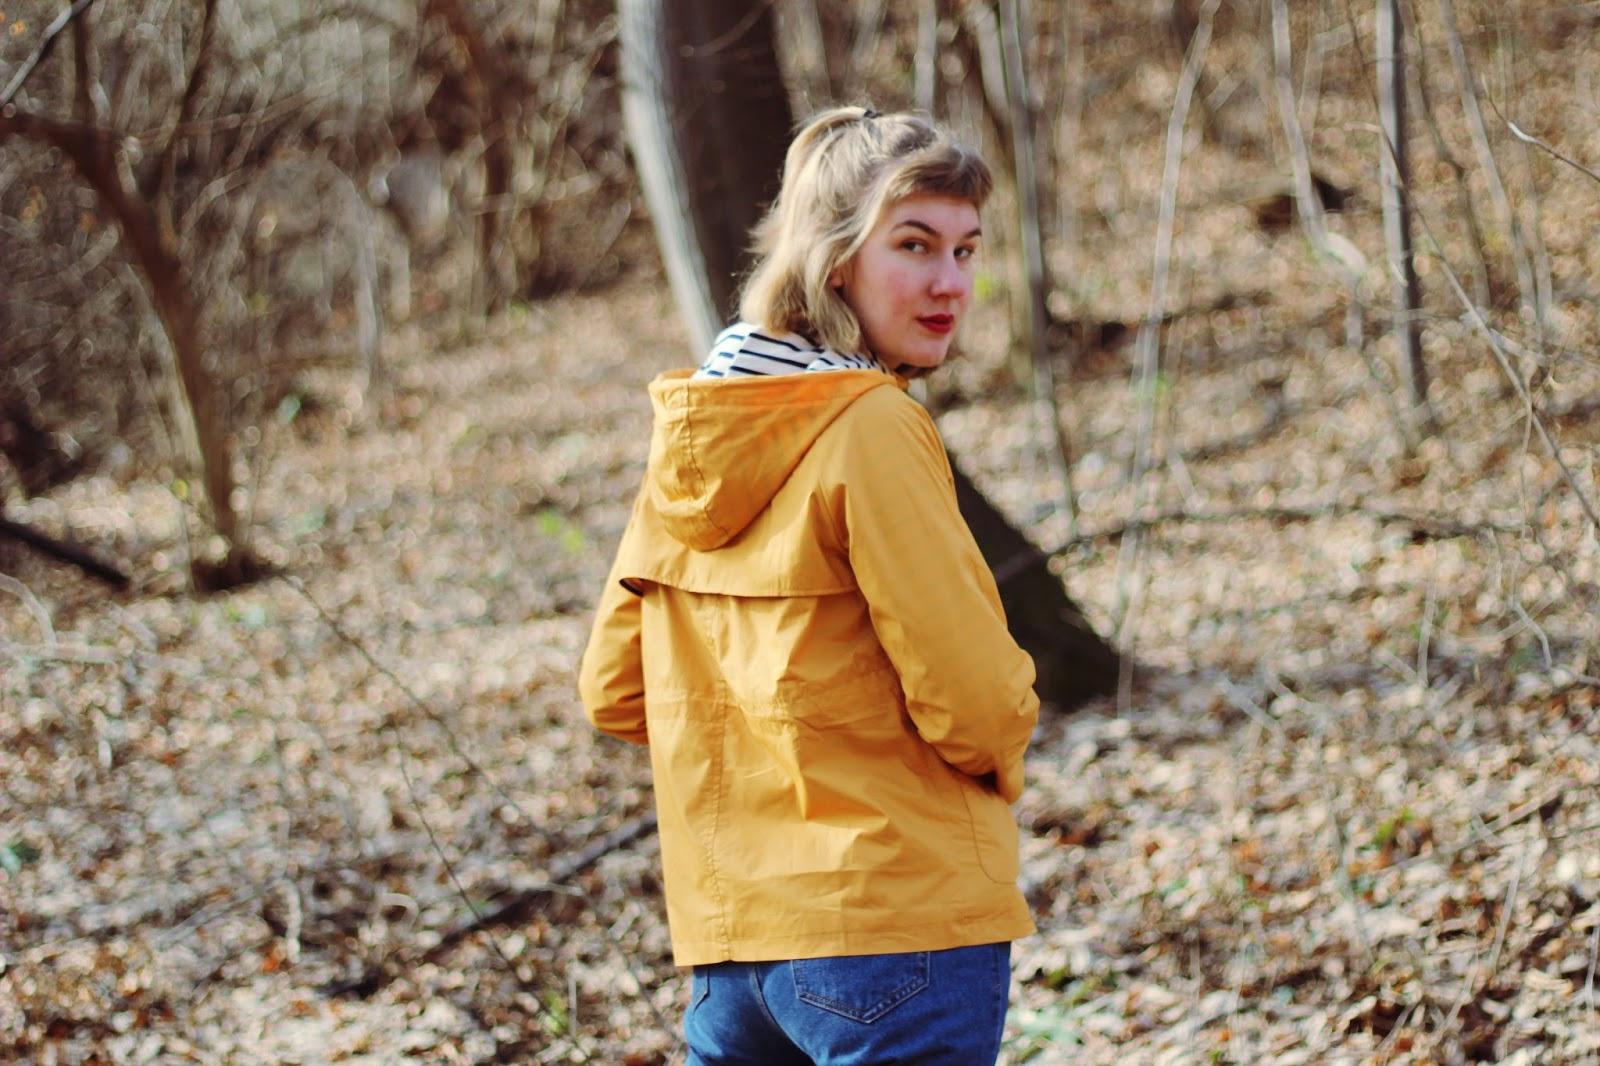 filipa canic, youarethepoet, filipa canic blog, you are the poet blog, zaful, yellow striped jacket,